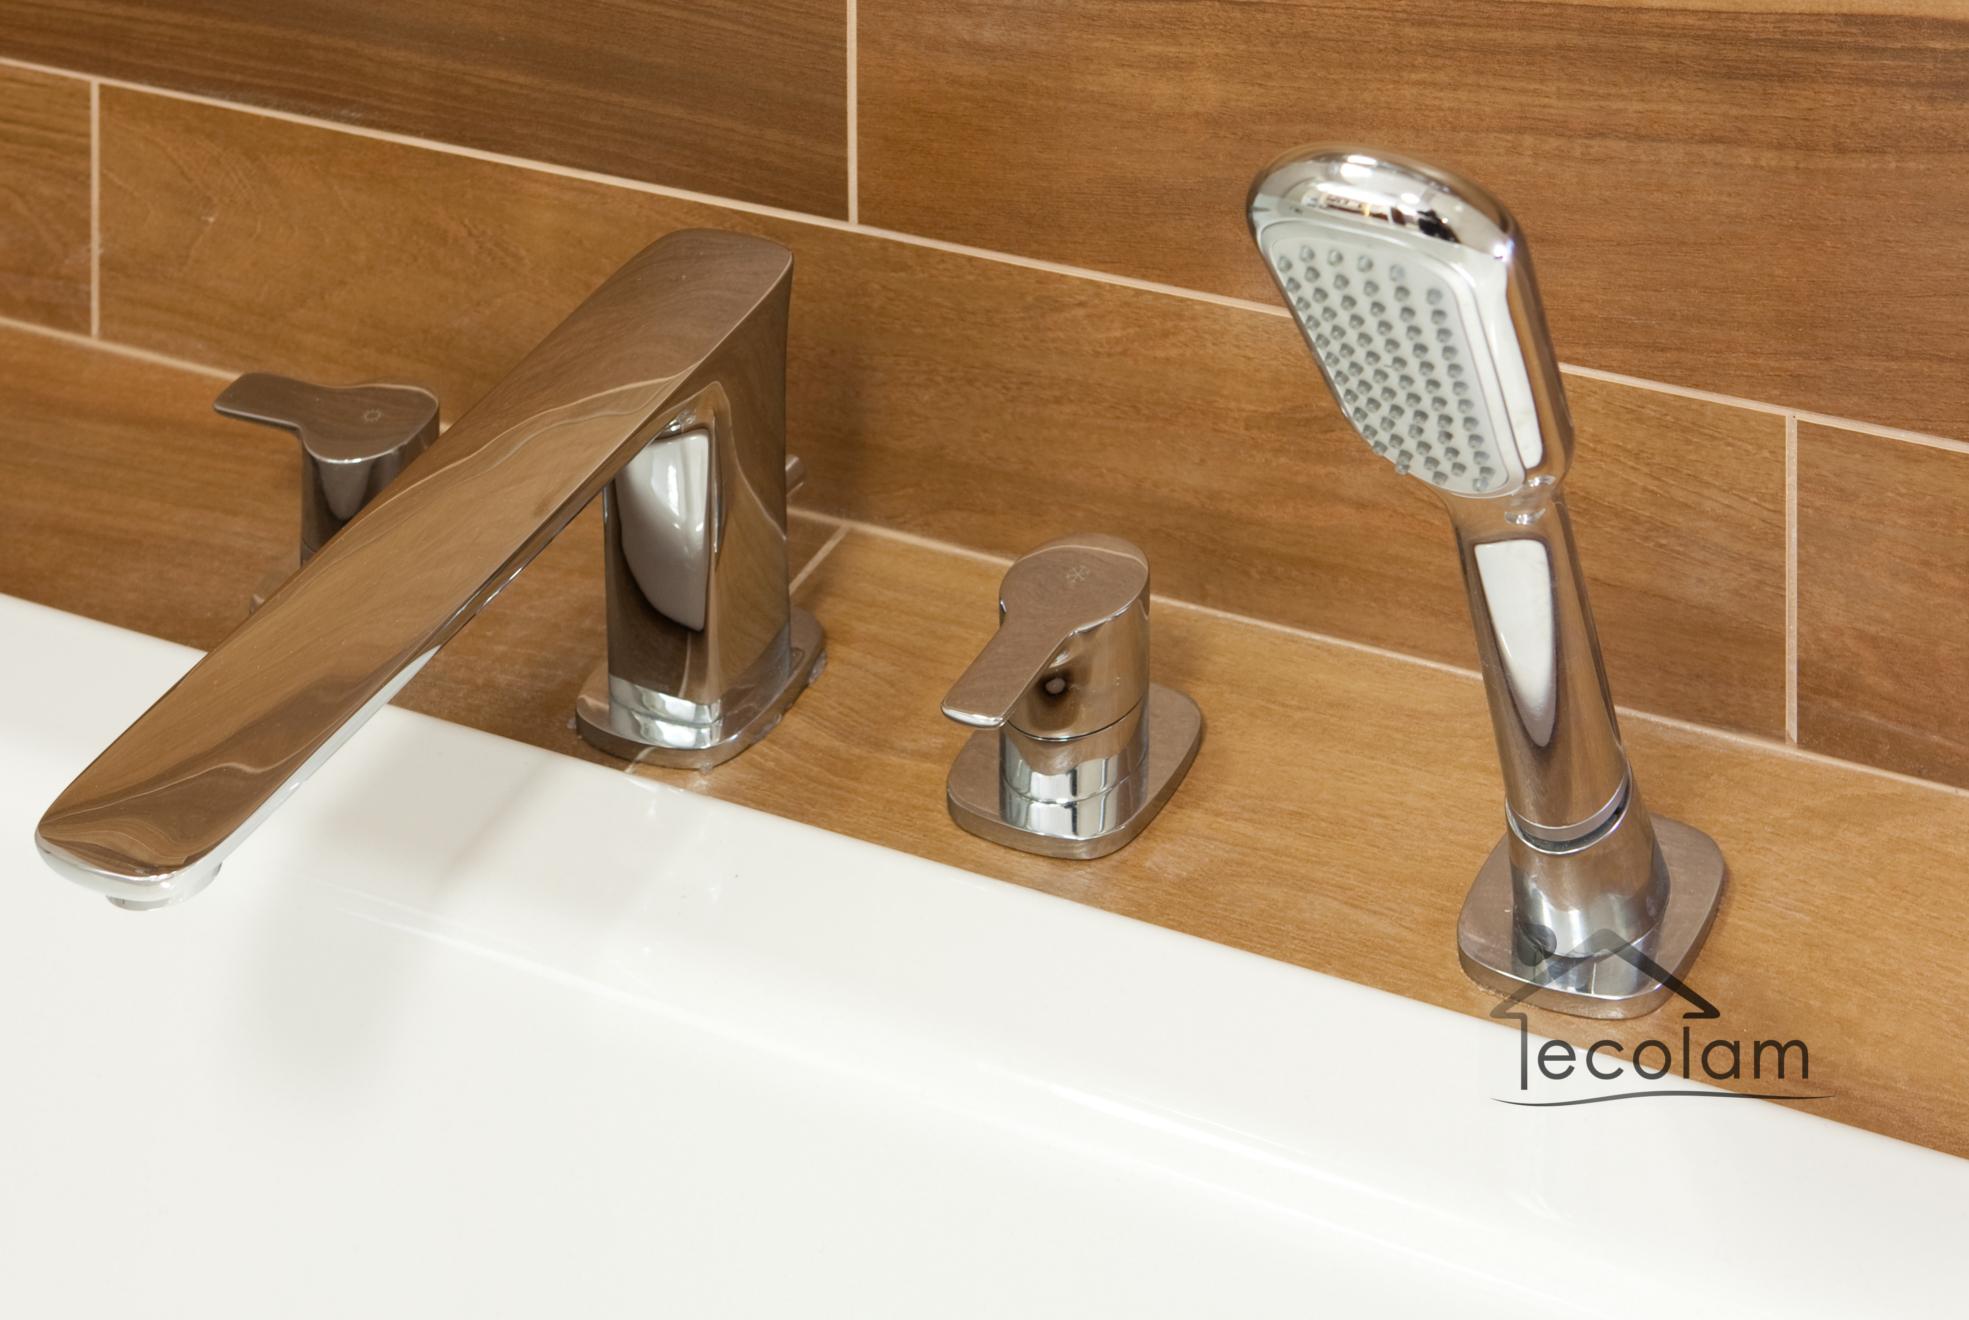 set badewannenarmatur handbrause badewanne langer auslauf wannenrand 4 loch hu ebay. Black Bedroom Furniture Sets. Home Design Ideas